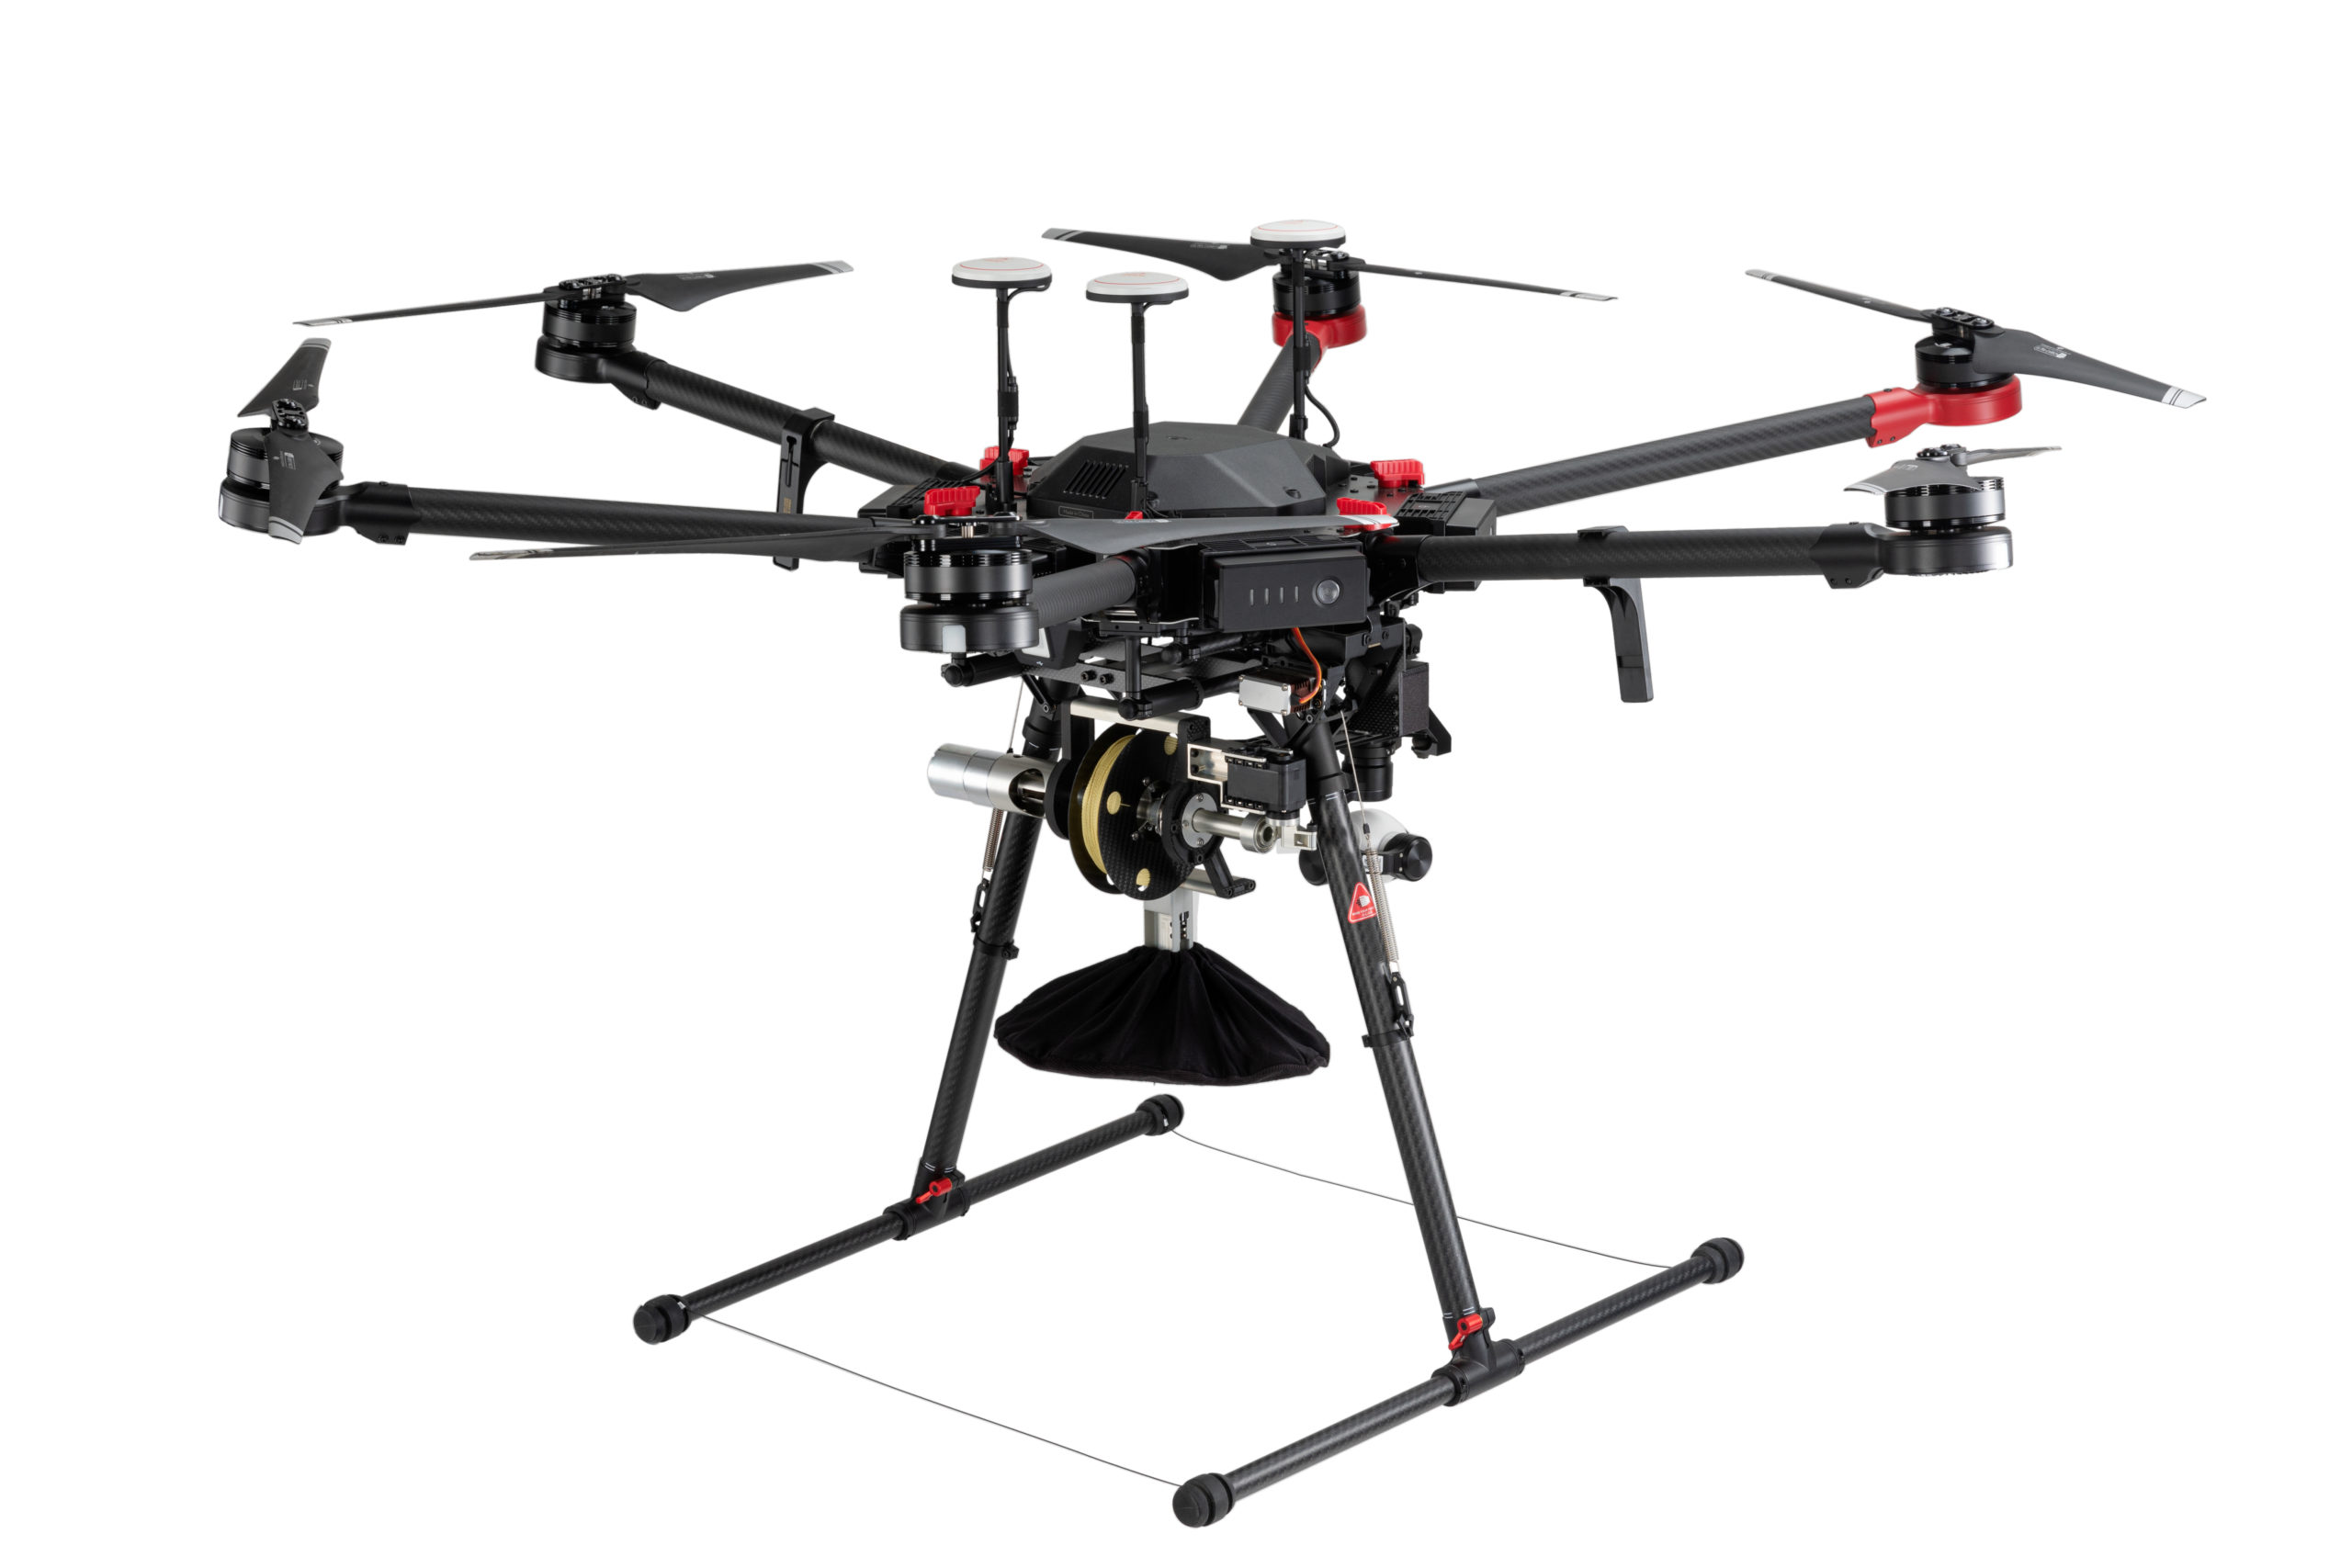 Droni per consegne a caduta libera